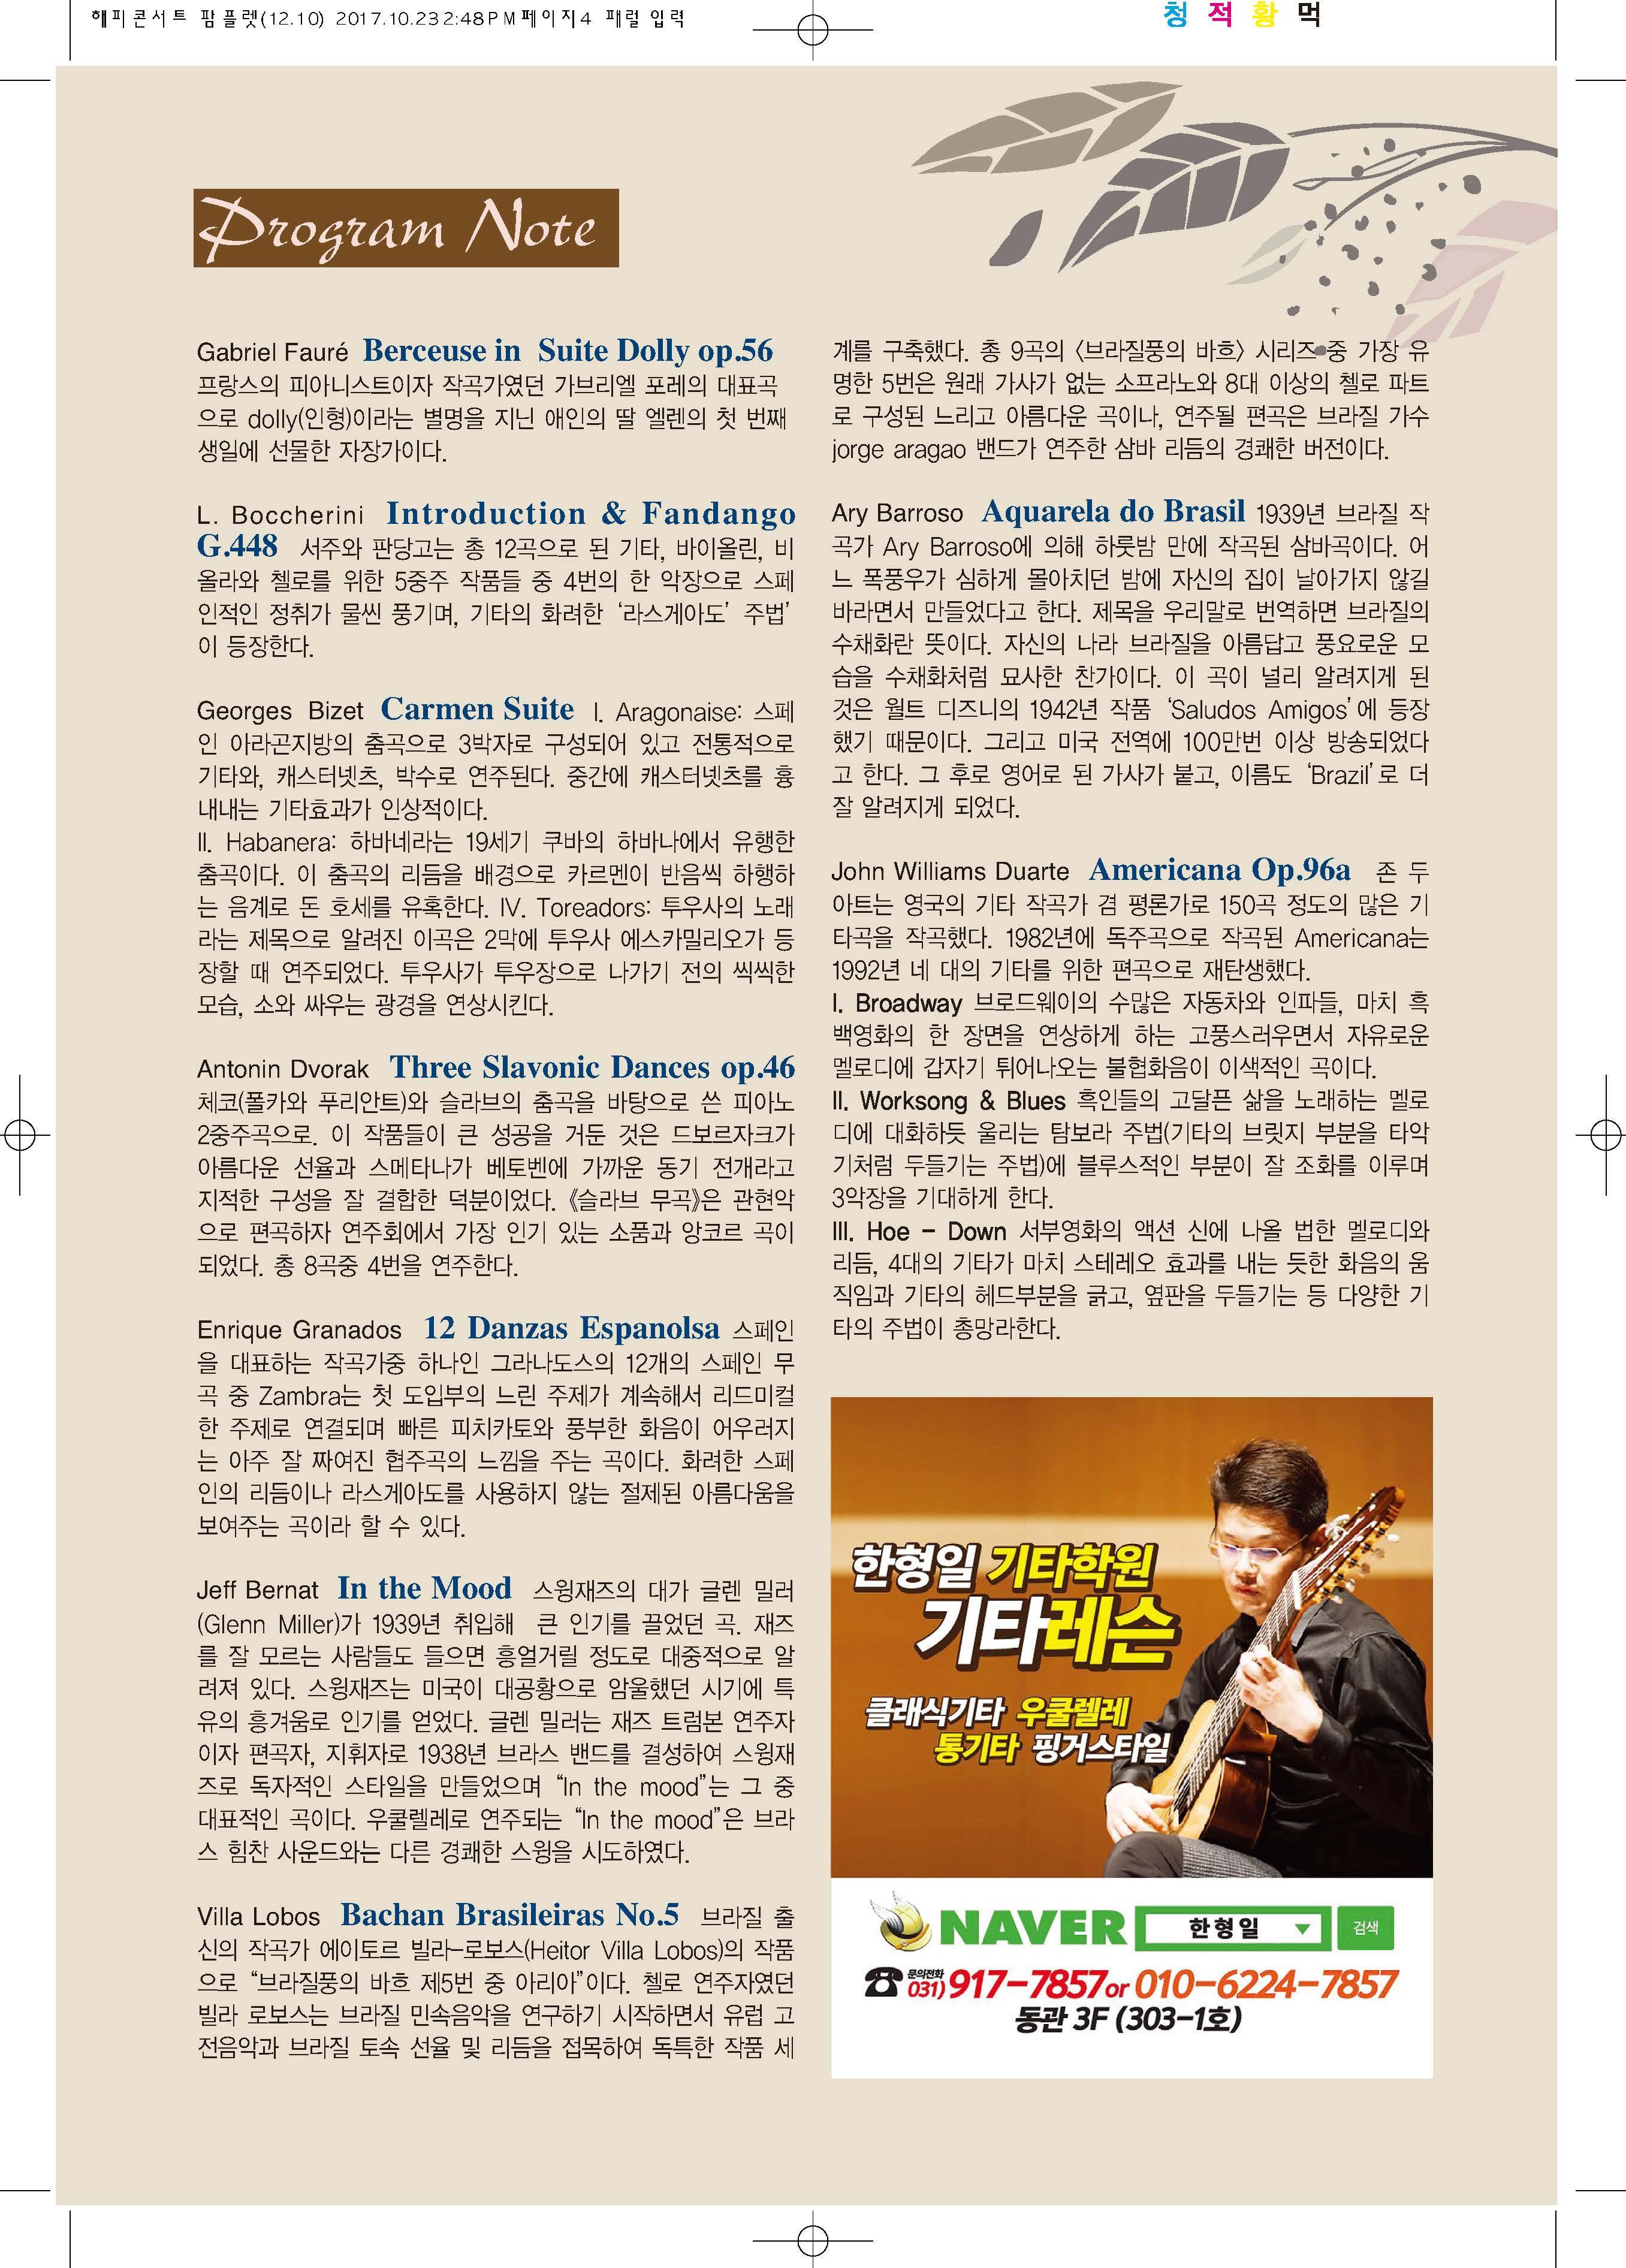 서울기타콰르텟 - 해피콘서트 팜플렛 - 12.10_Page_4.jpg